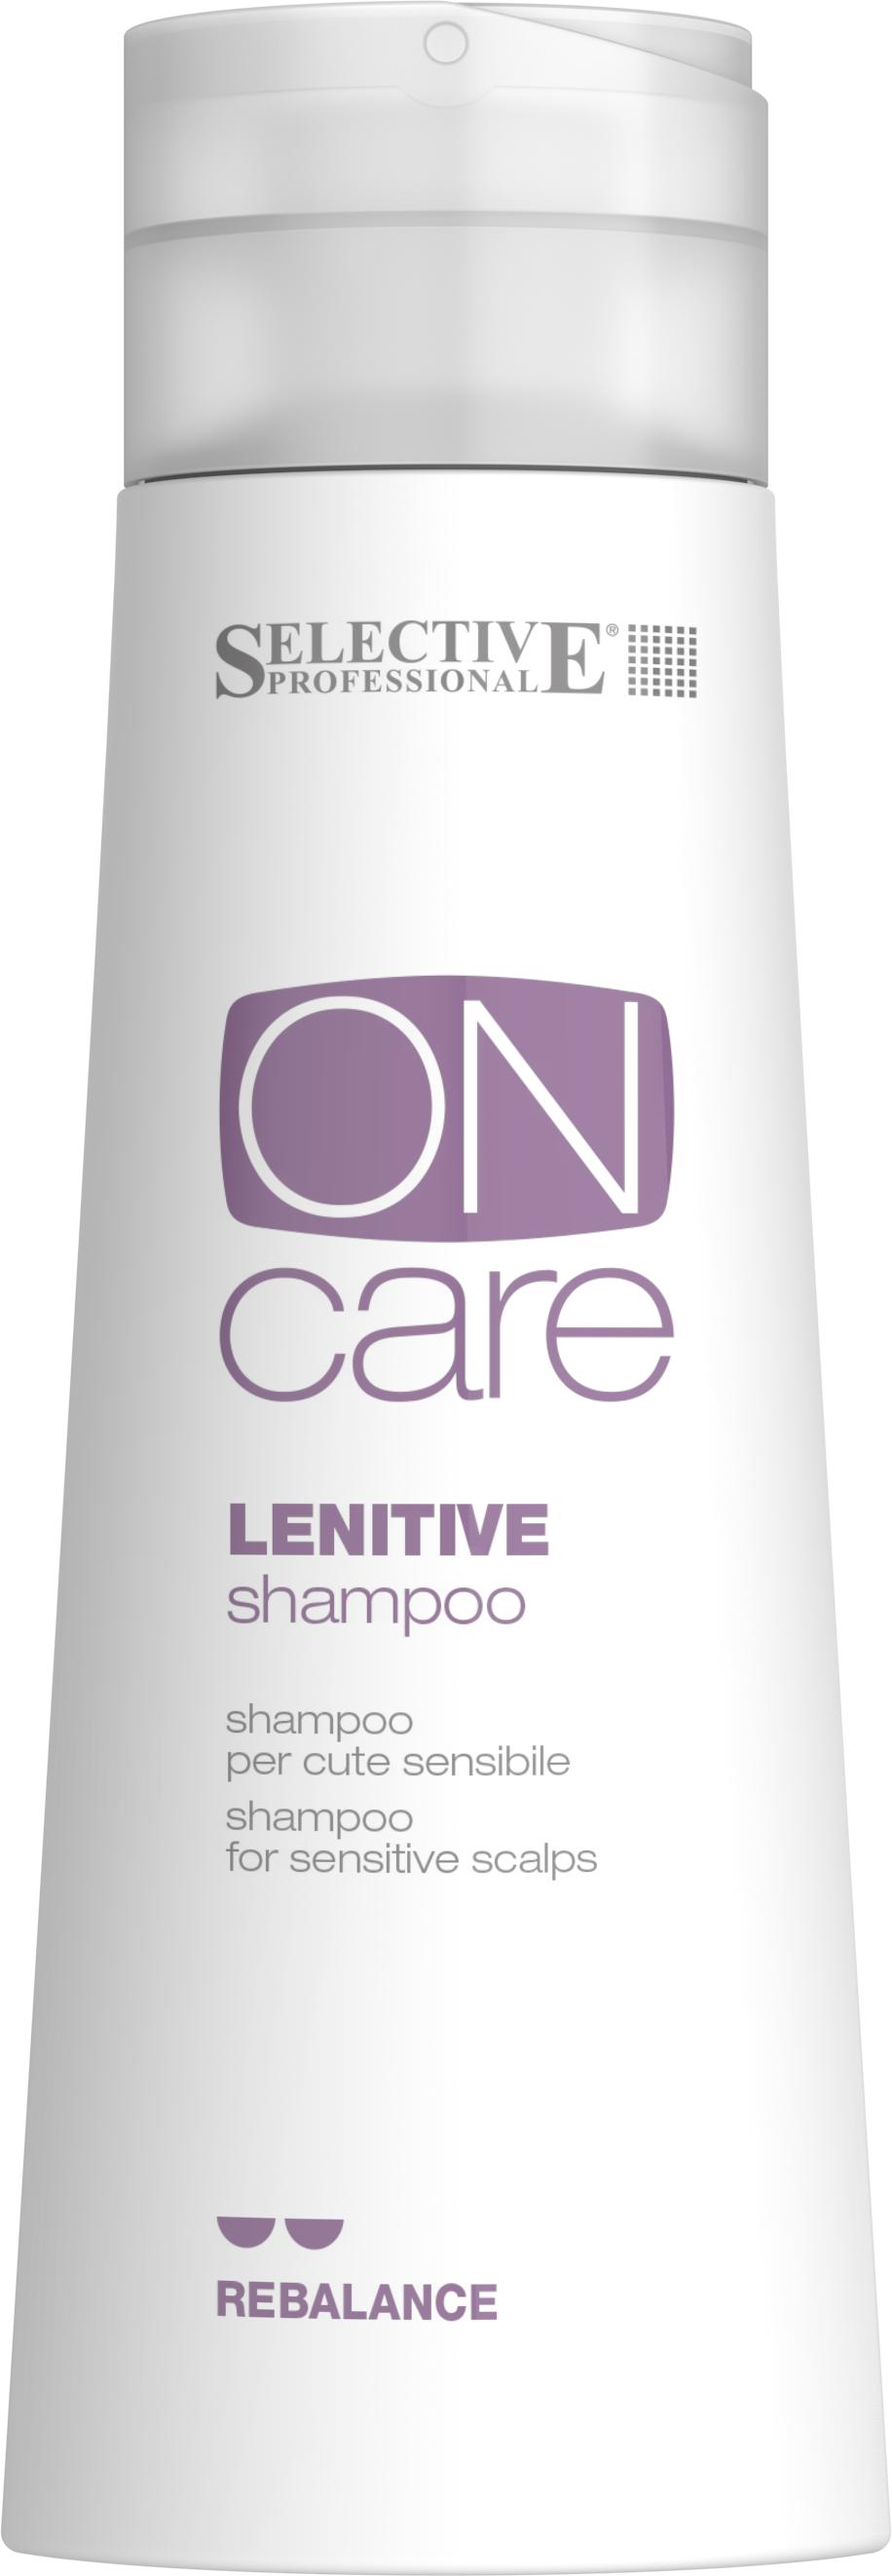 SELECTIVE PROFESSIONAL Шампунь для чувтвительной кожи головы / On Care Rebalance 250 мл